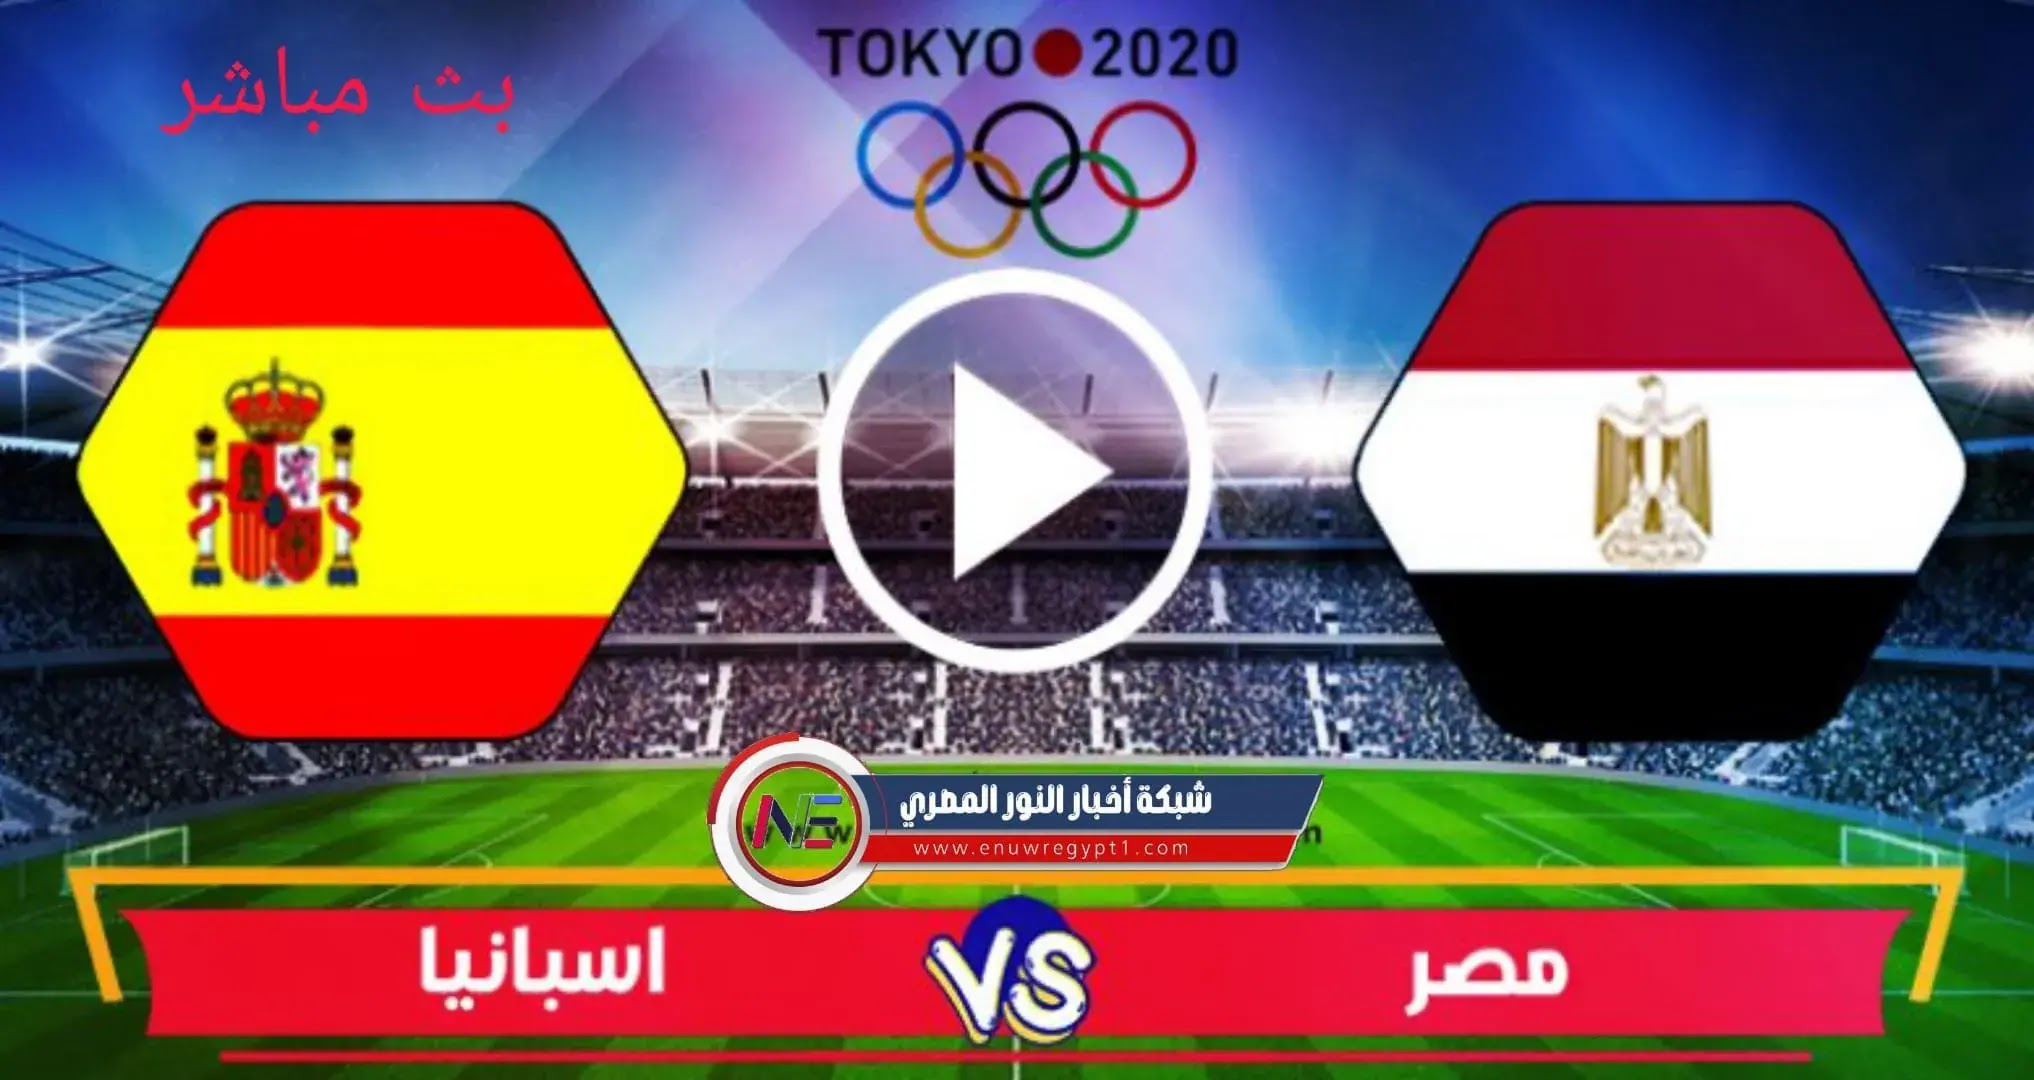 يلا شوت يوتيوب.. بث مباشر مشاهدة مباراة مصر و اسبانيا اليوم 22-07-2021 في بطولة اولمبياد طوكيو 2020 لايف الان بجودة عالية بدون تقطيع